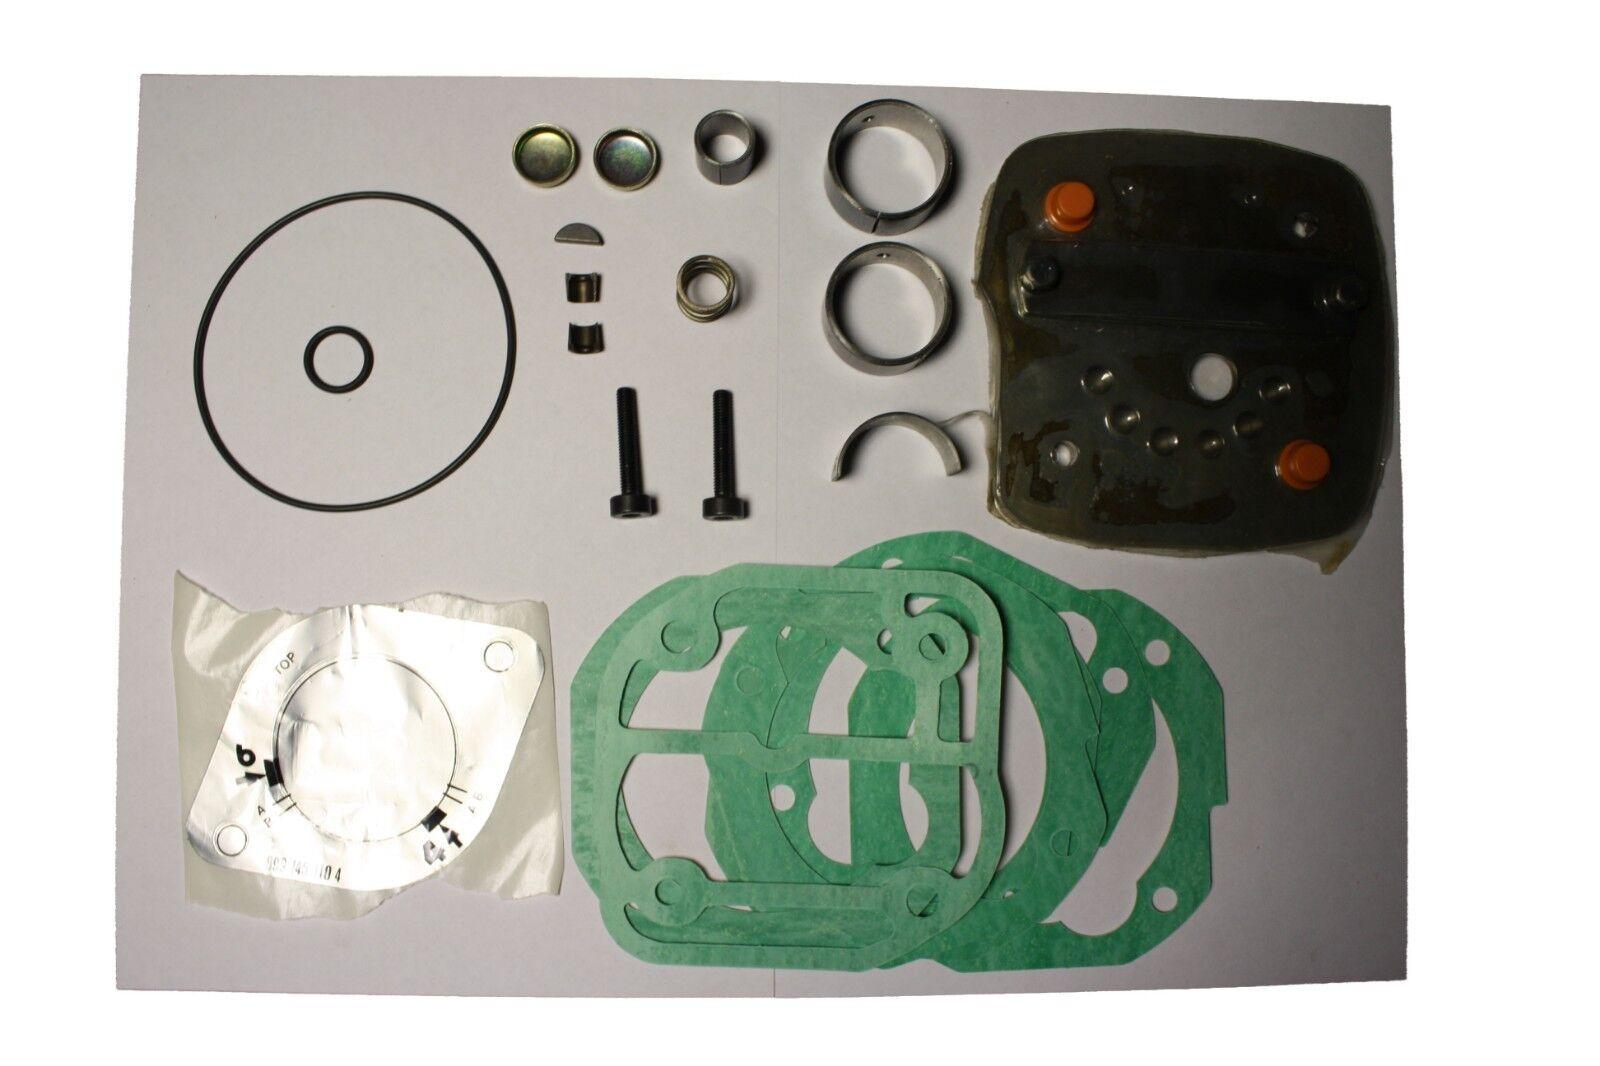 Kit De Réparation Joints Jeu Joints Pour Étanchéité Pour Joints Hyster Chariot Chariot élévateur/1329429 c09226